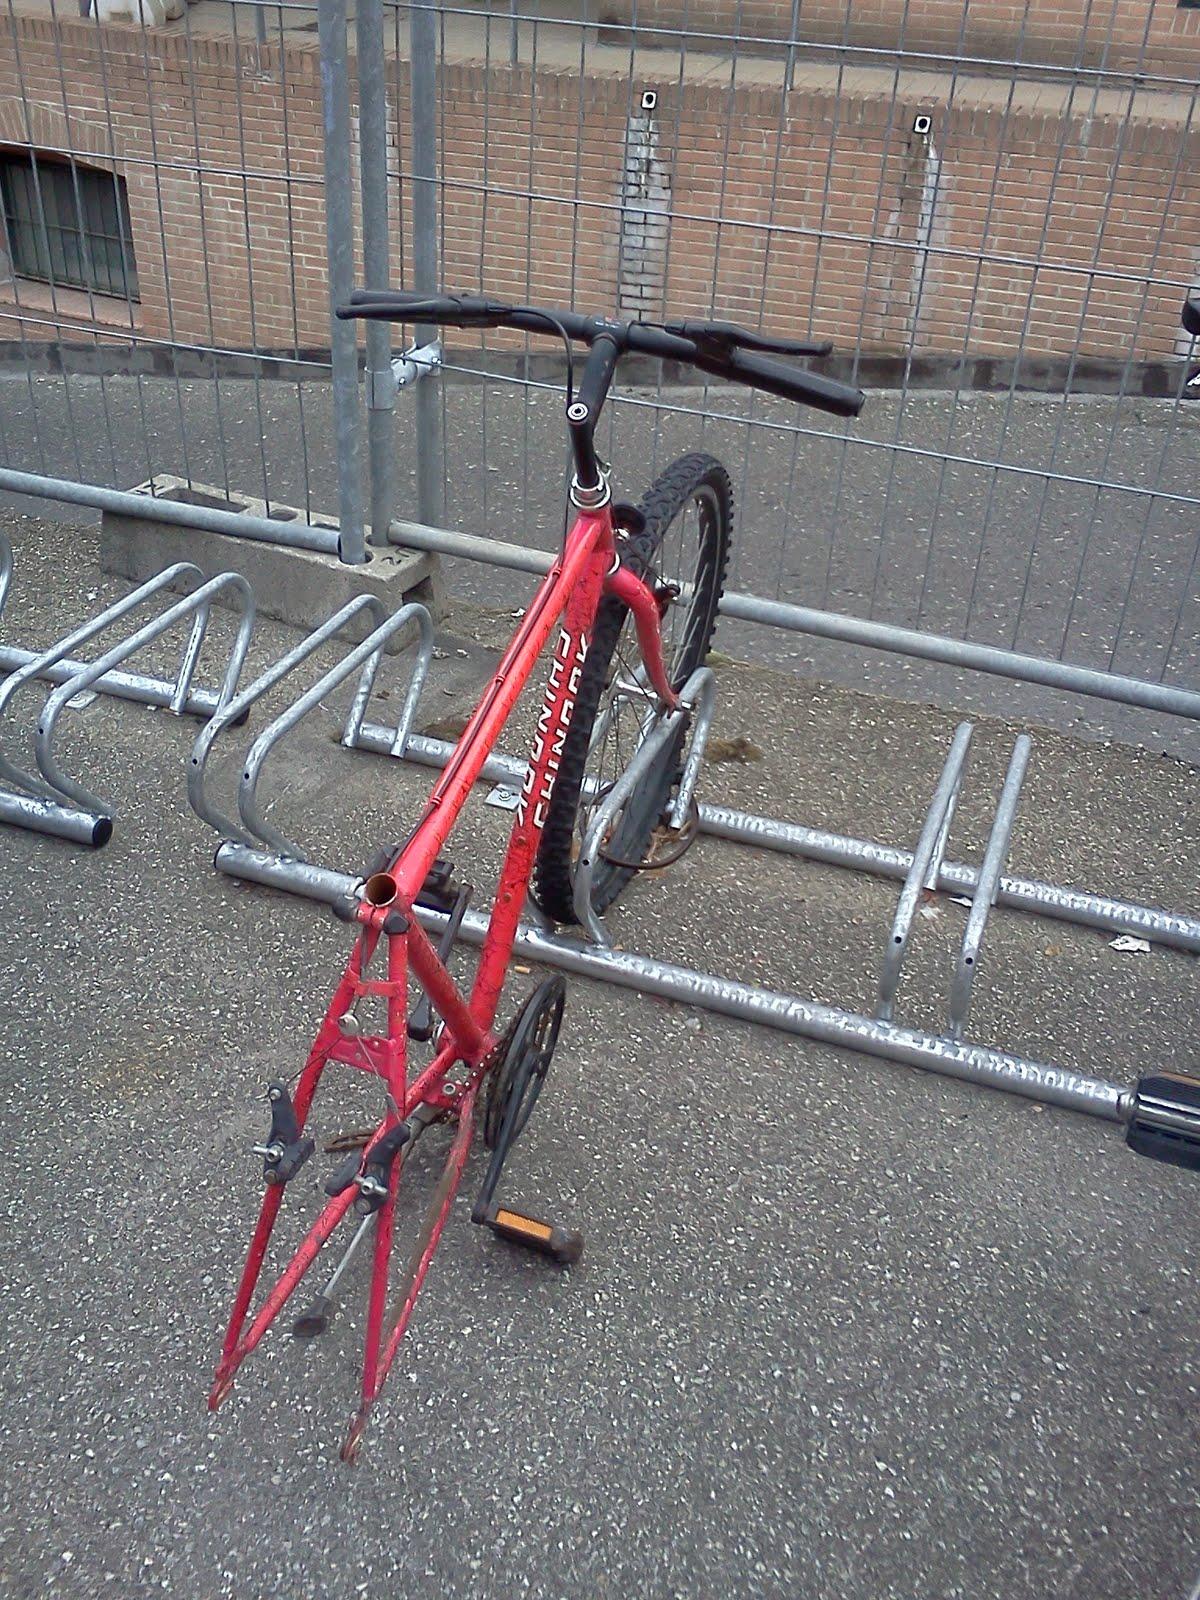 ladri di biciclette Dvd ladri di biciclette - the bicycle thief - non-usa format, pal, reg24 import - australia.